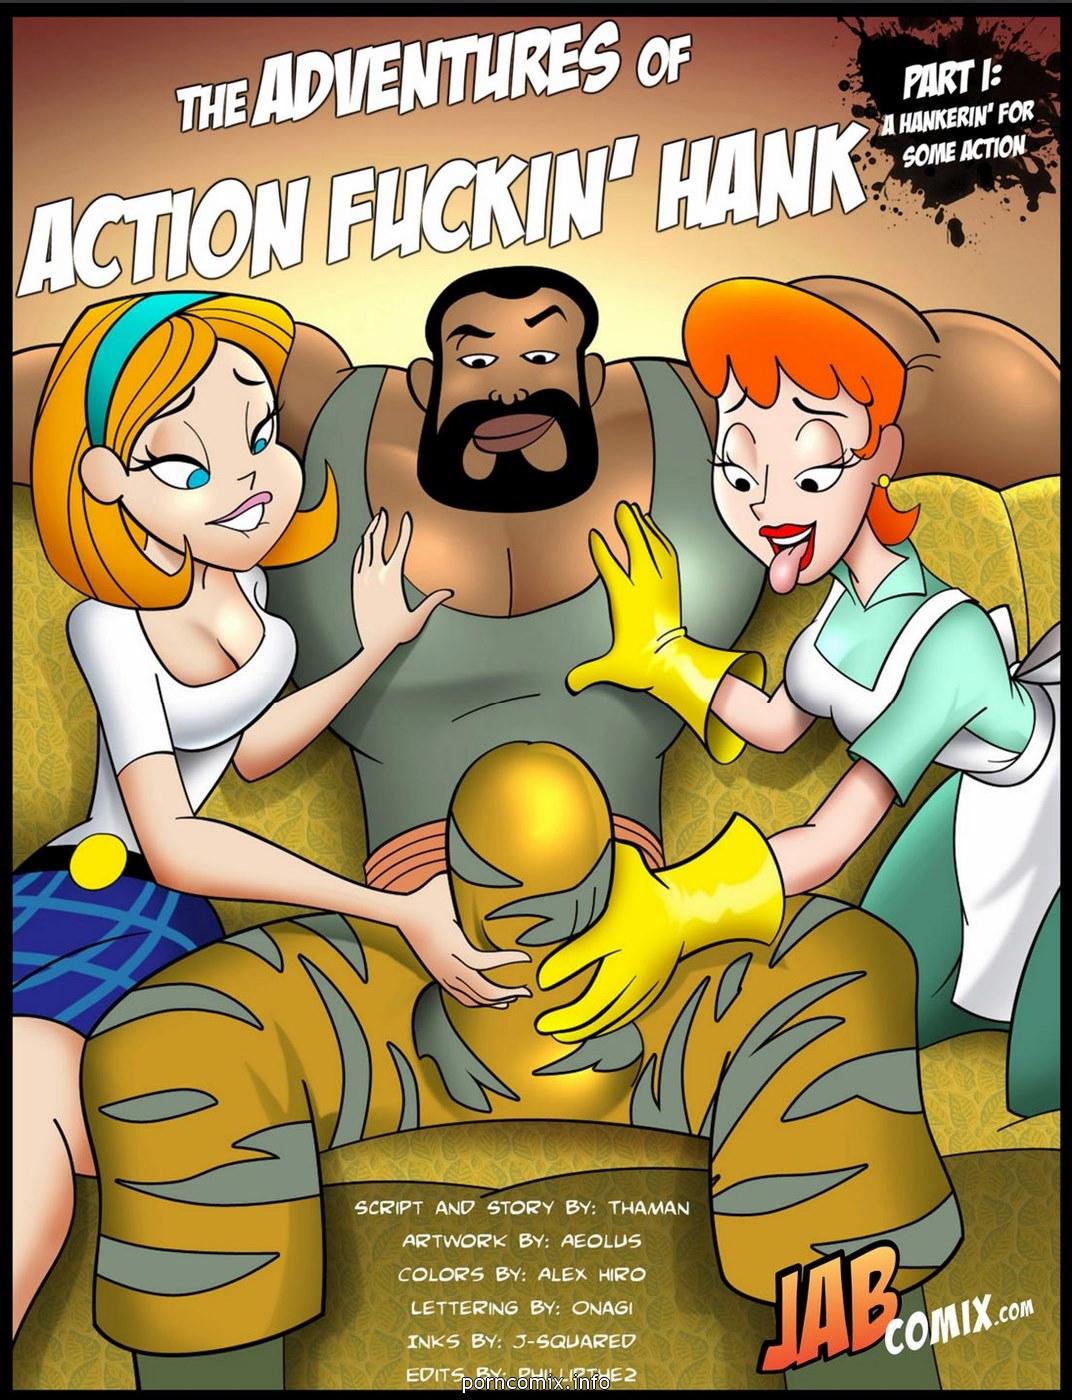 Jab Comix - Adventures of Action Fuckin\' Hank